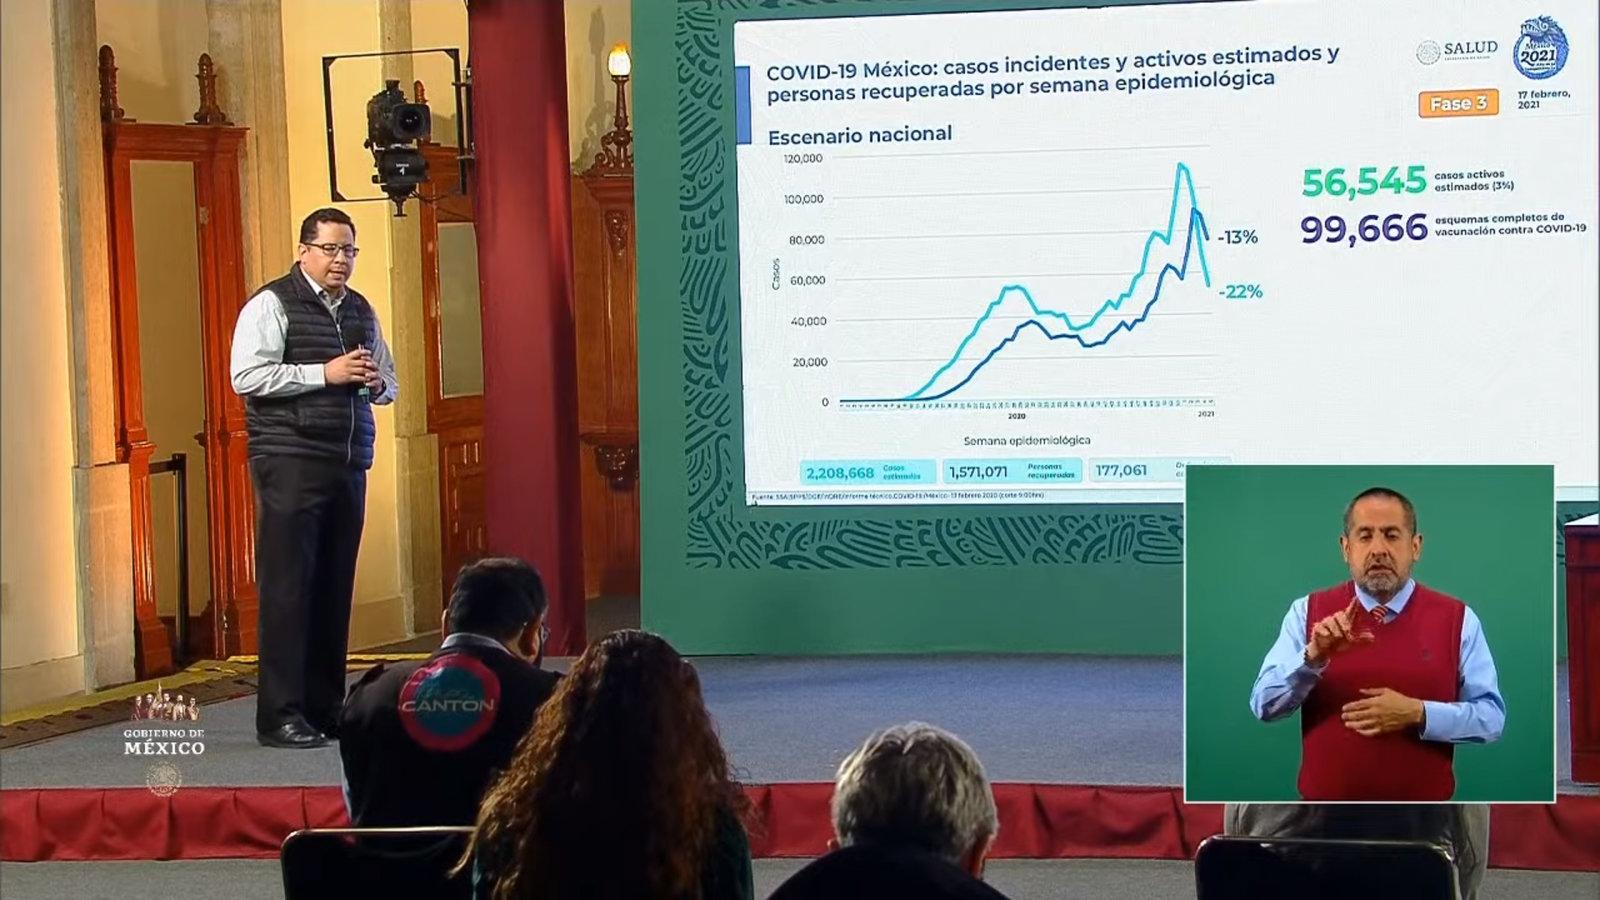 Reporta Ssa 177 mil 61 defunciones confirmadas en México por Covid-19